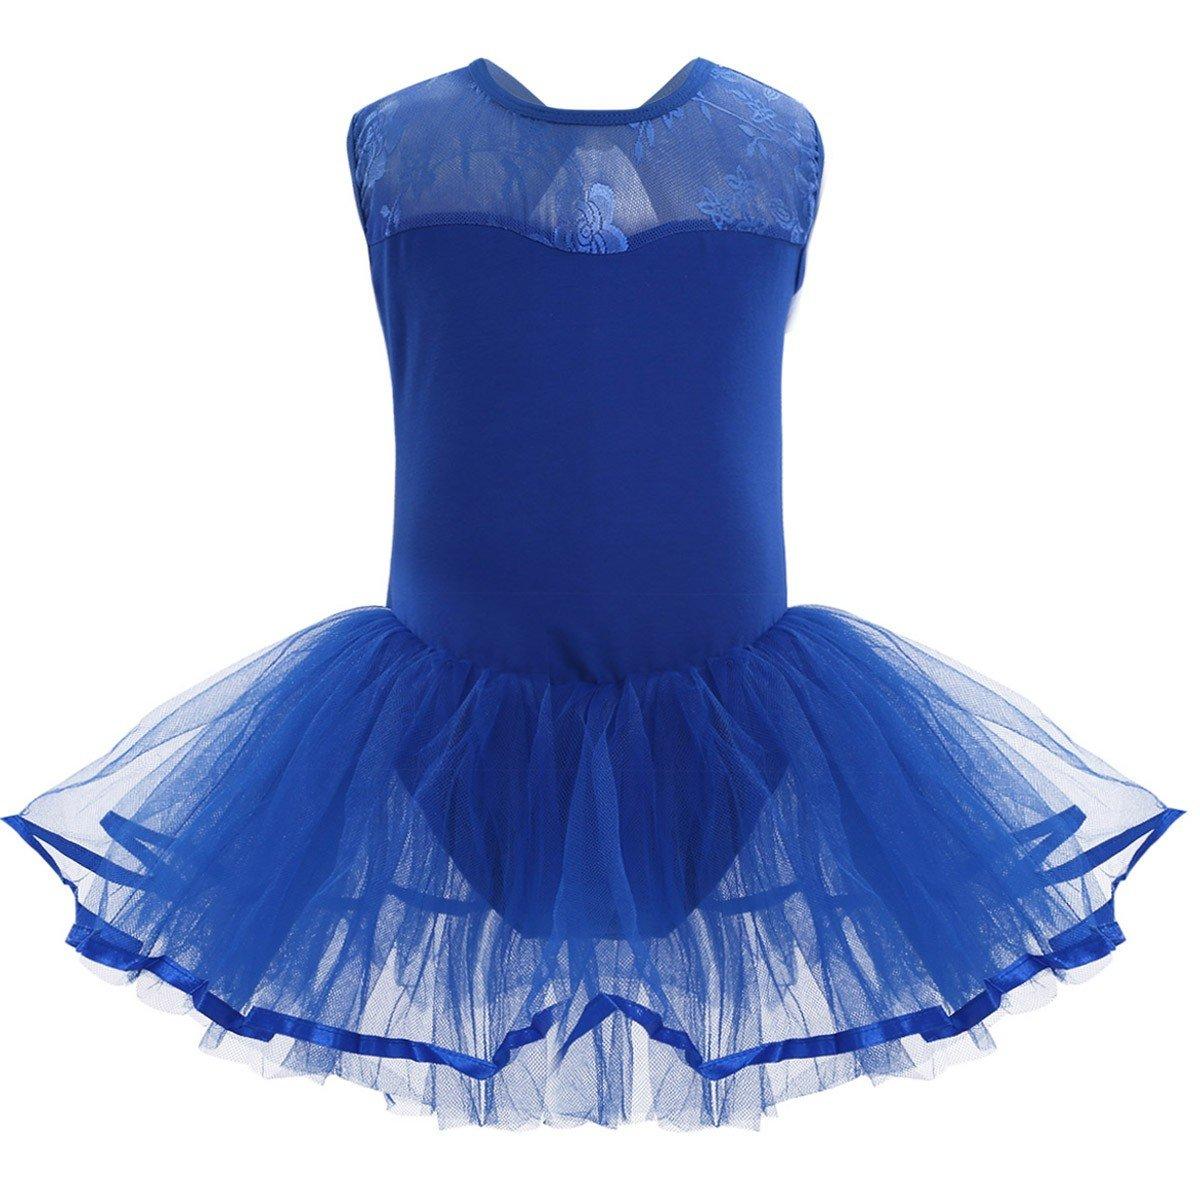 Tiaobug Kinder Ballettanzug für Mädchen - Ballettkleid Ballett Trikot Kleid Röckchen mit innenslip Blau, Rosa, Lavender